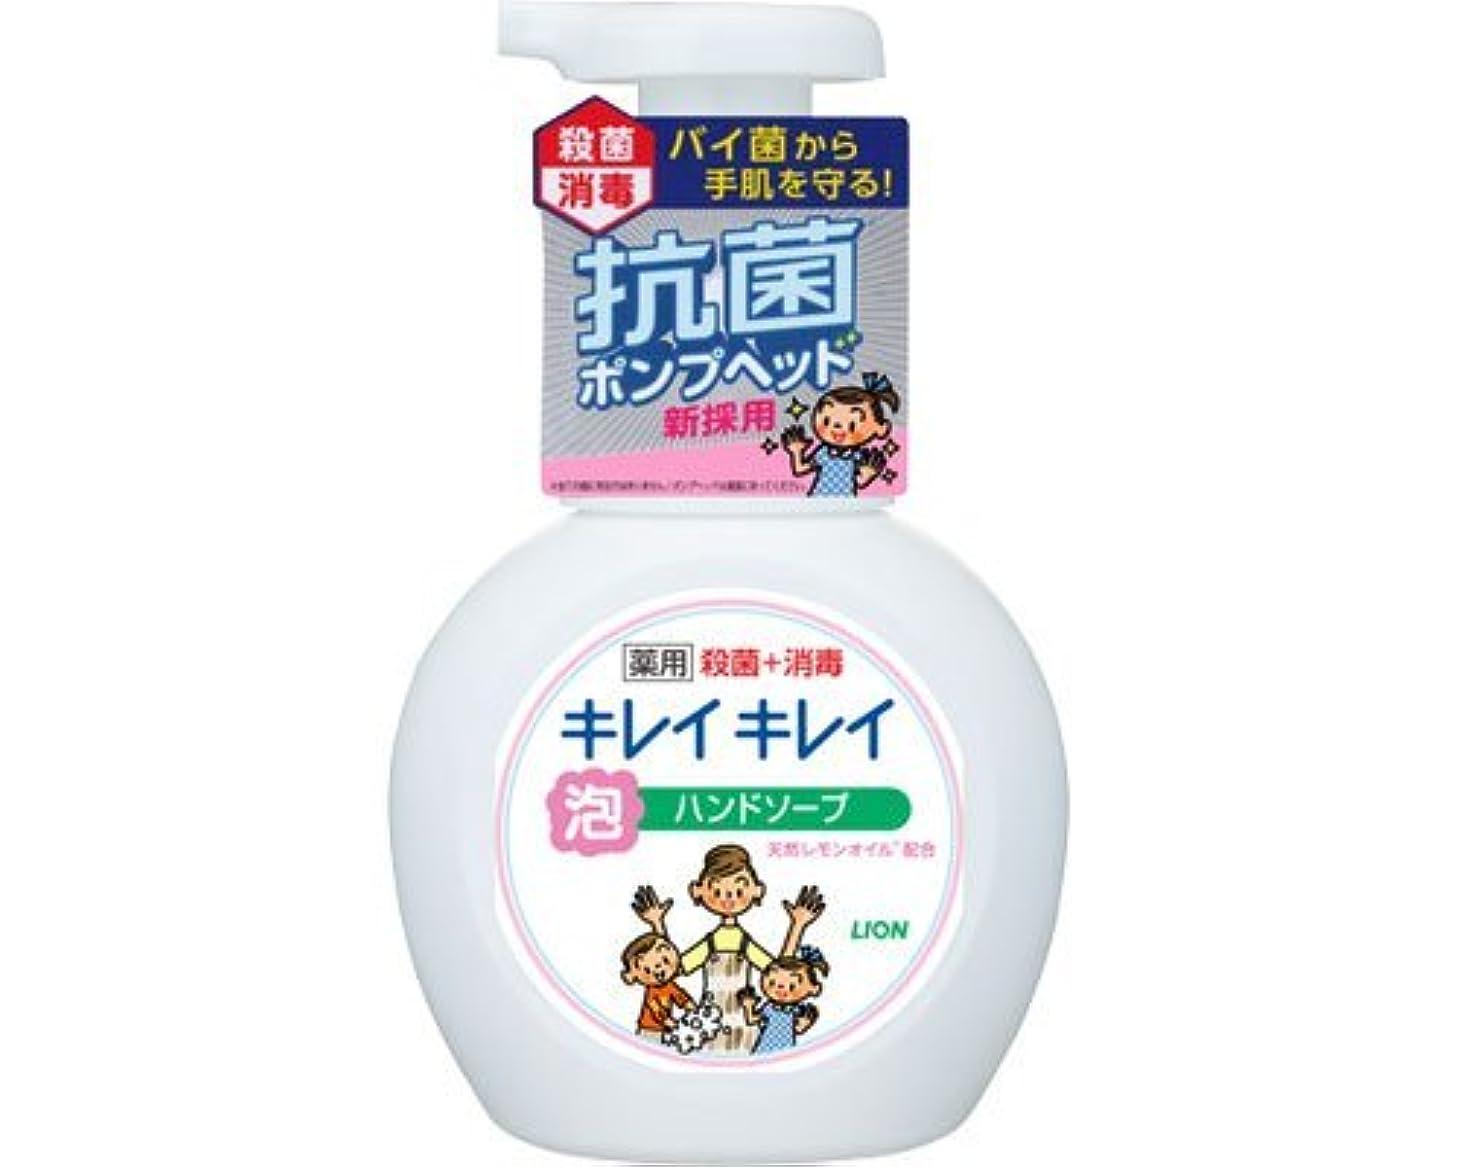 植木障害白雪姫キレイキレイ薬用泡ハンドソープ 250mLポンプ (ライオン) (手指洗浄)